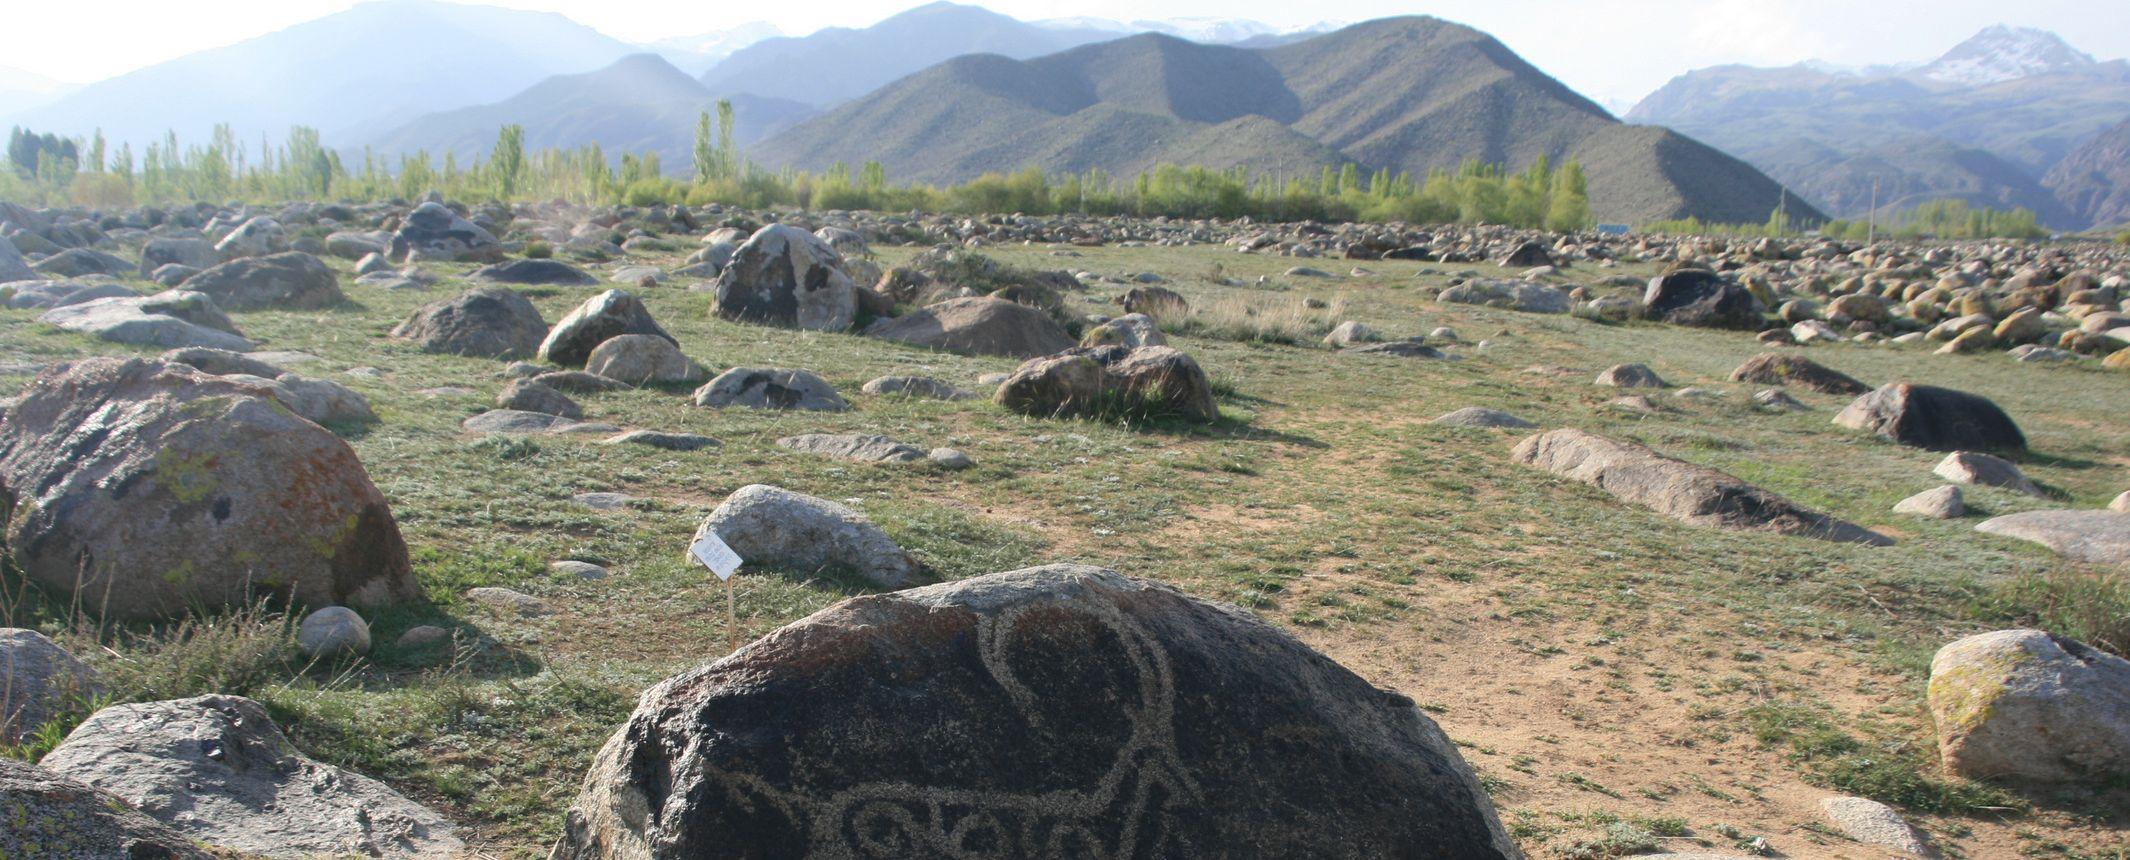 Kyrgyzstán - Lagos de Issyk Kul, Son Kul y Montes de Tien Shan